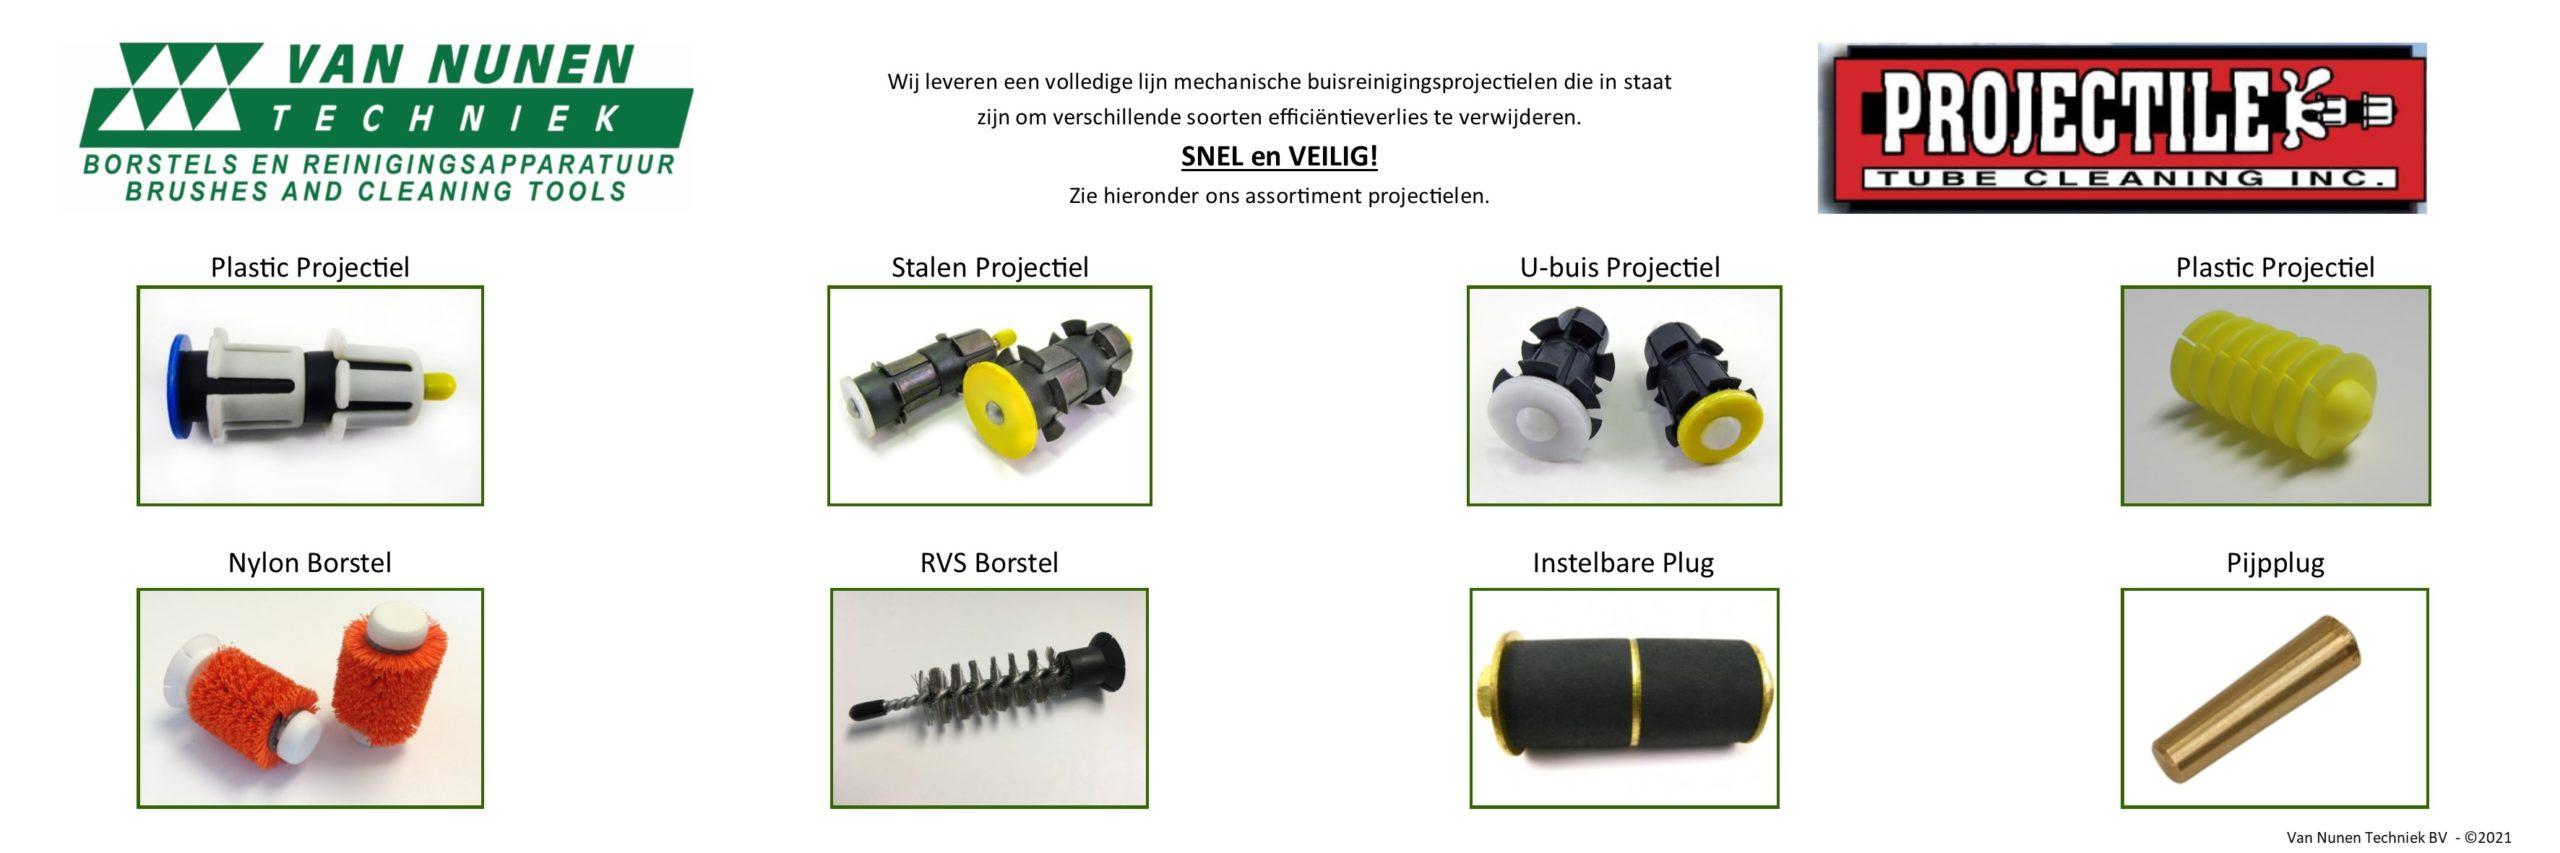 Assortiment Projectielen - Van Nunen Techniek BV